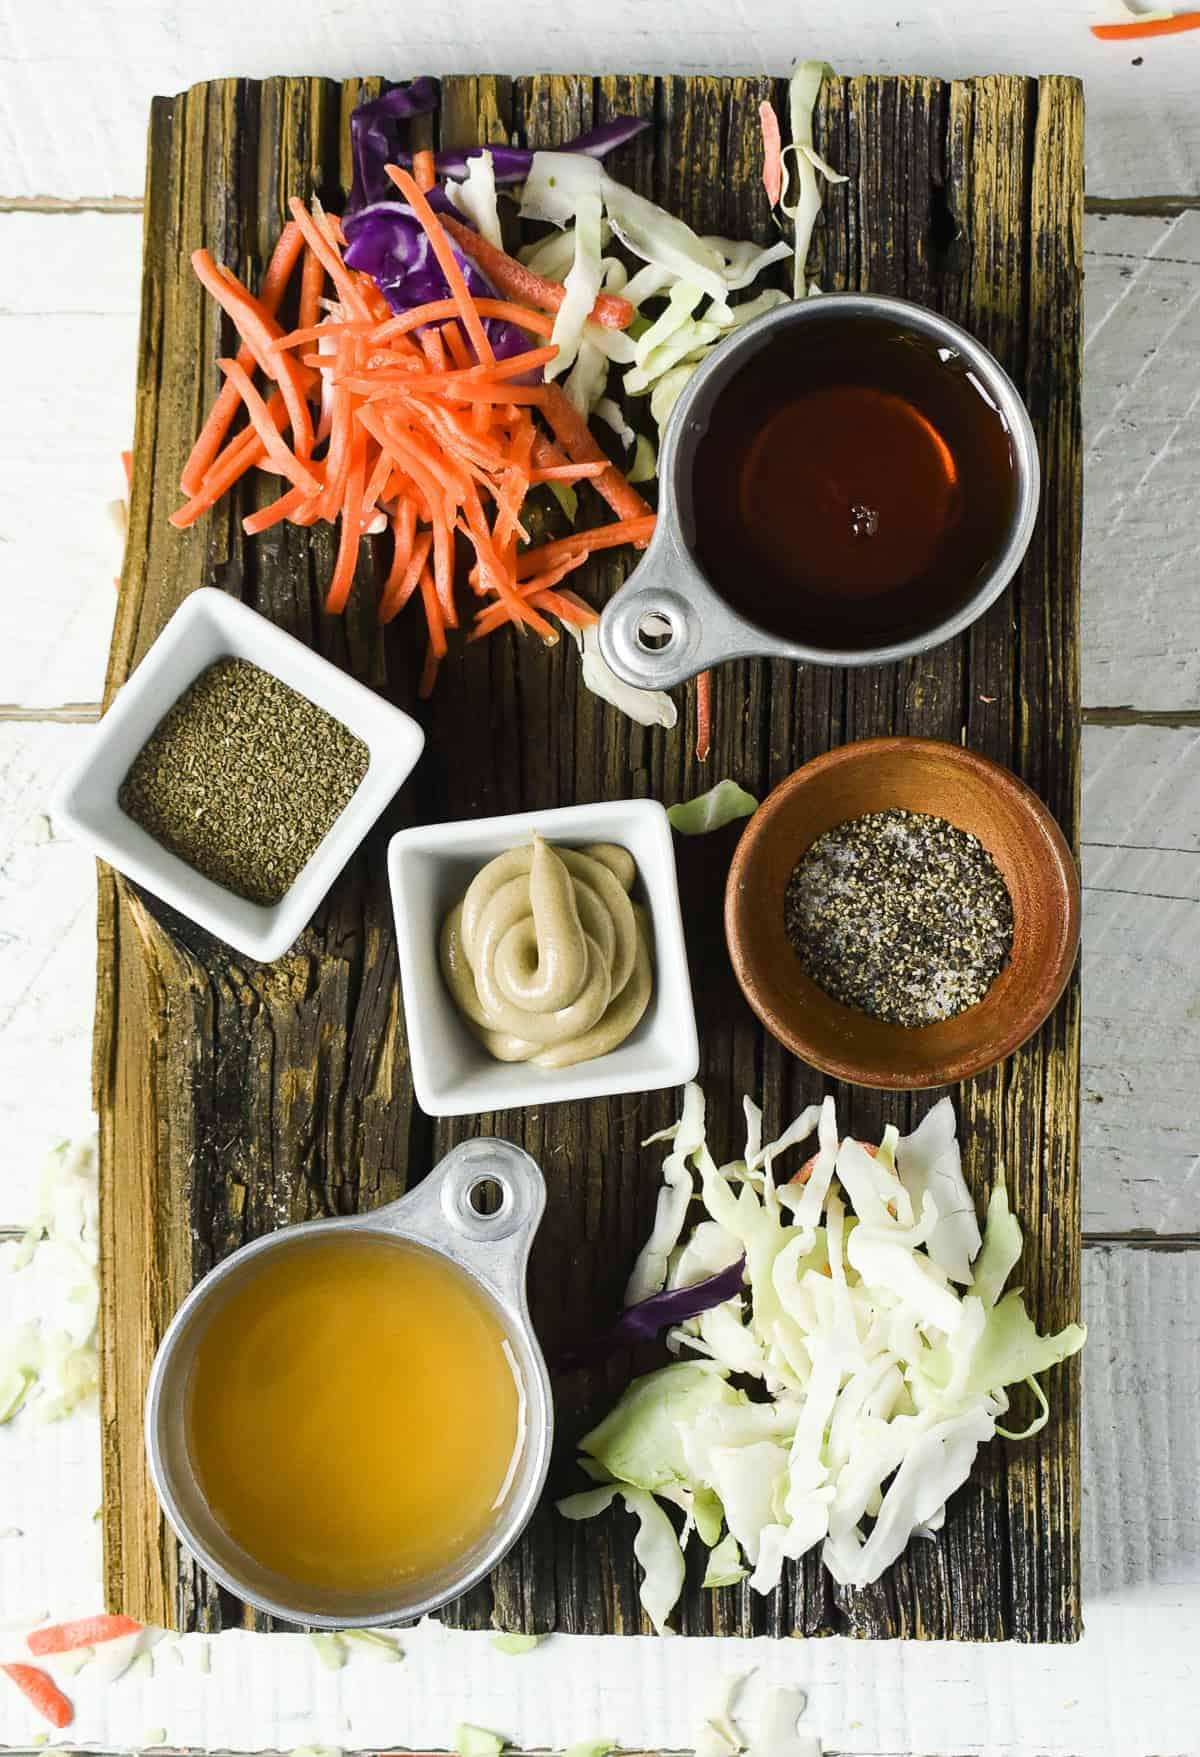 Slaw ingredients on cutting board.